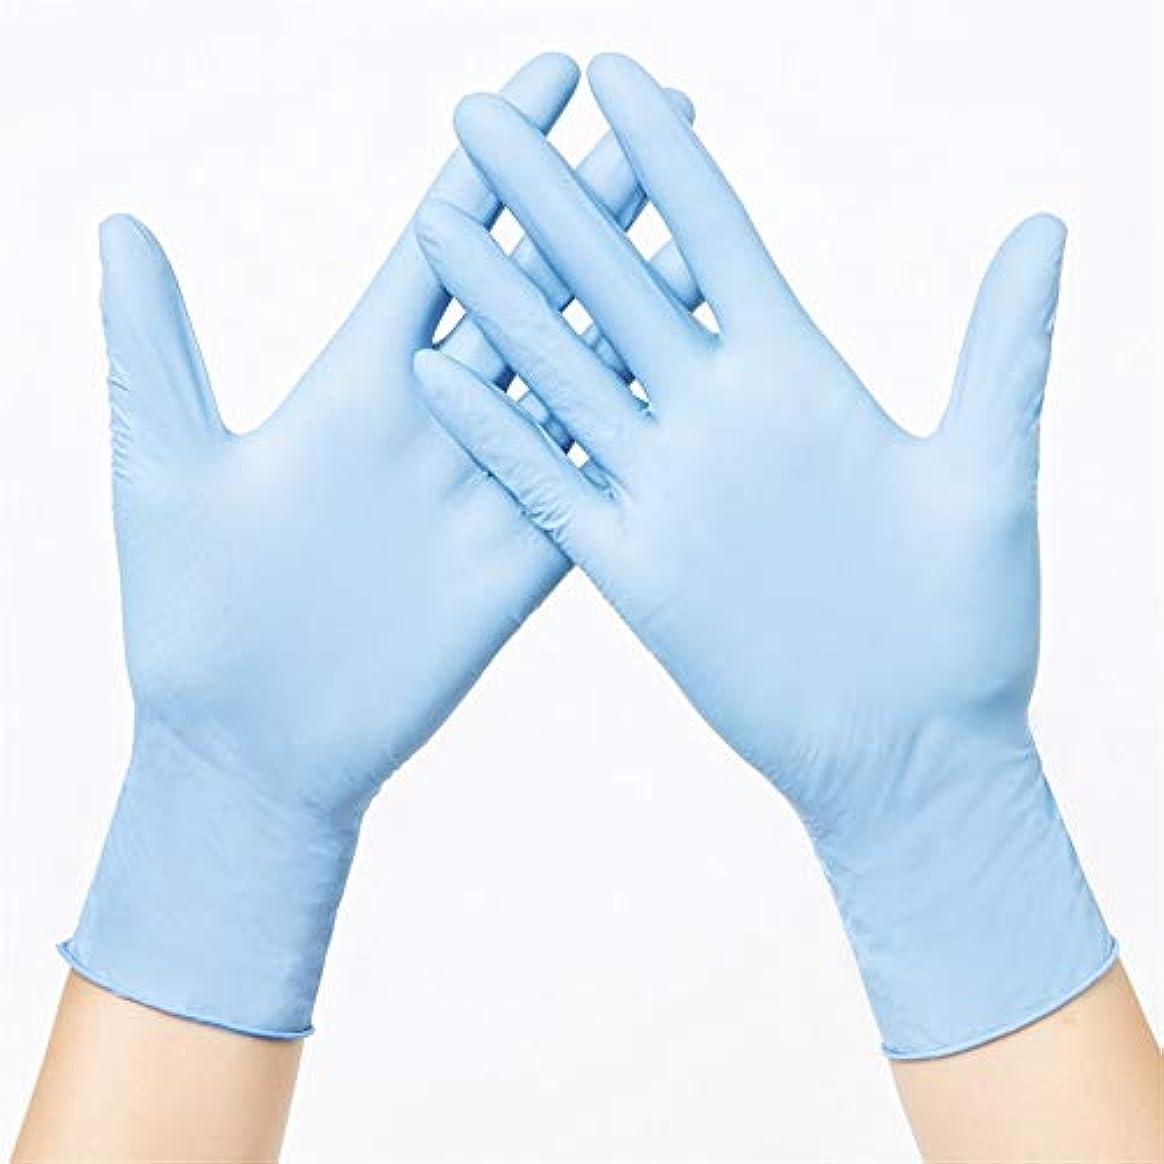 保証金フリッパー傭兵使い捨て手袋 使い捨て手袋ゴム製超薄型ハンドウェアラブル防水家庭用手袋、100 ニトリルゴム手袋 (Color : Blue, Size : S)